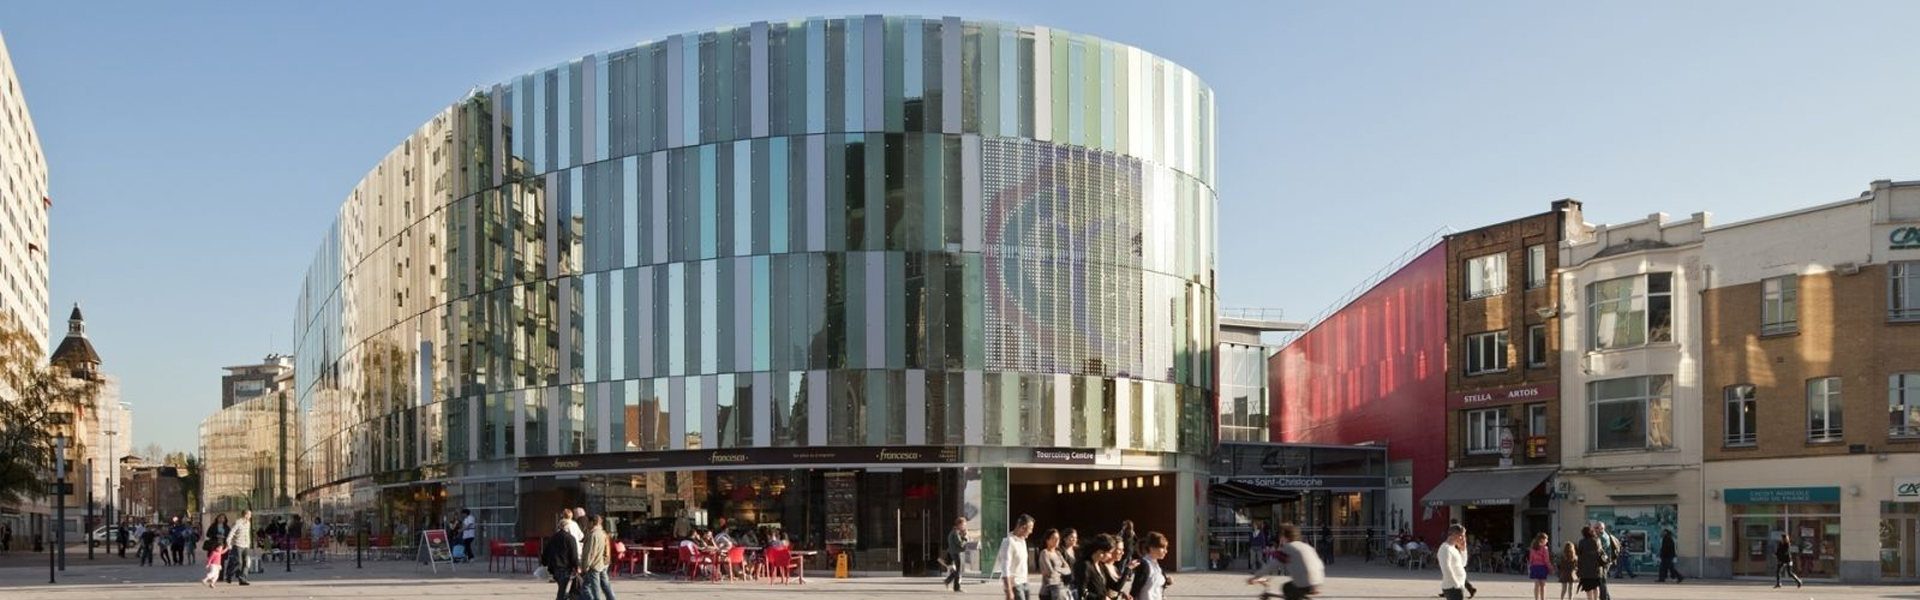 Photo du centre-ville de Tourcoing, à proximité de l'agence web tourquennoise Farouk Nasri